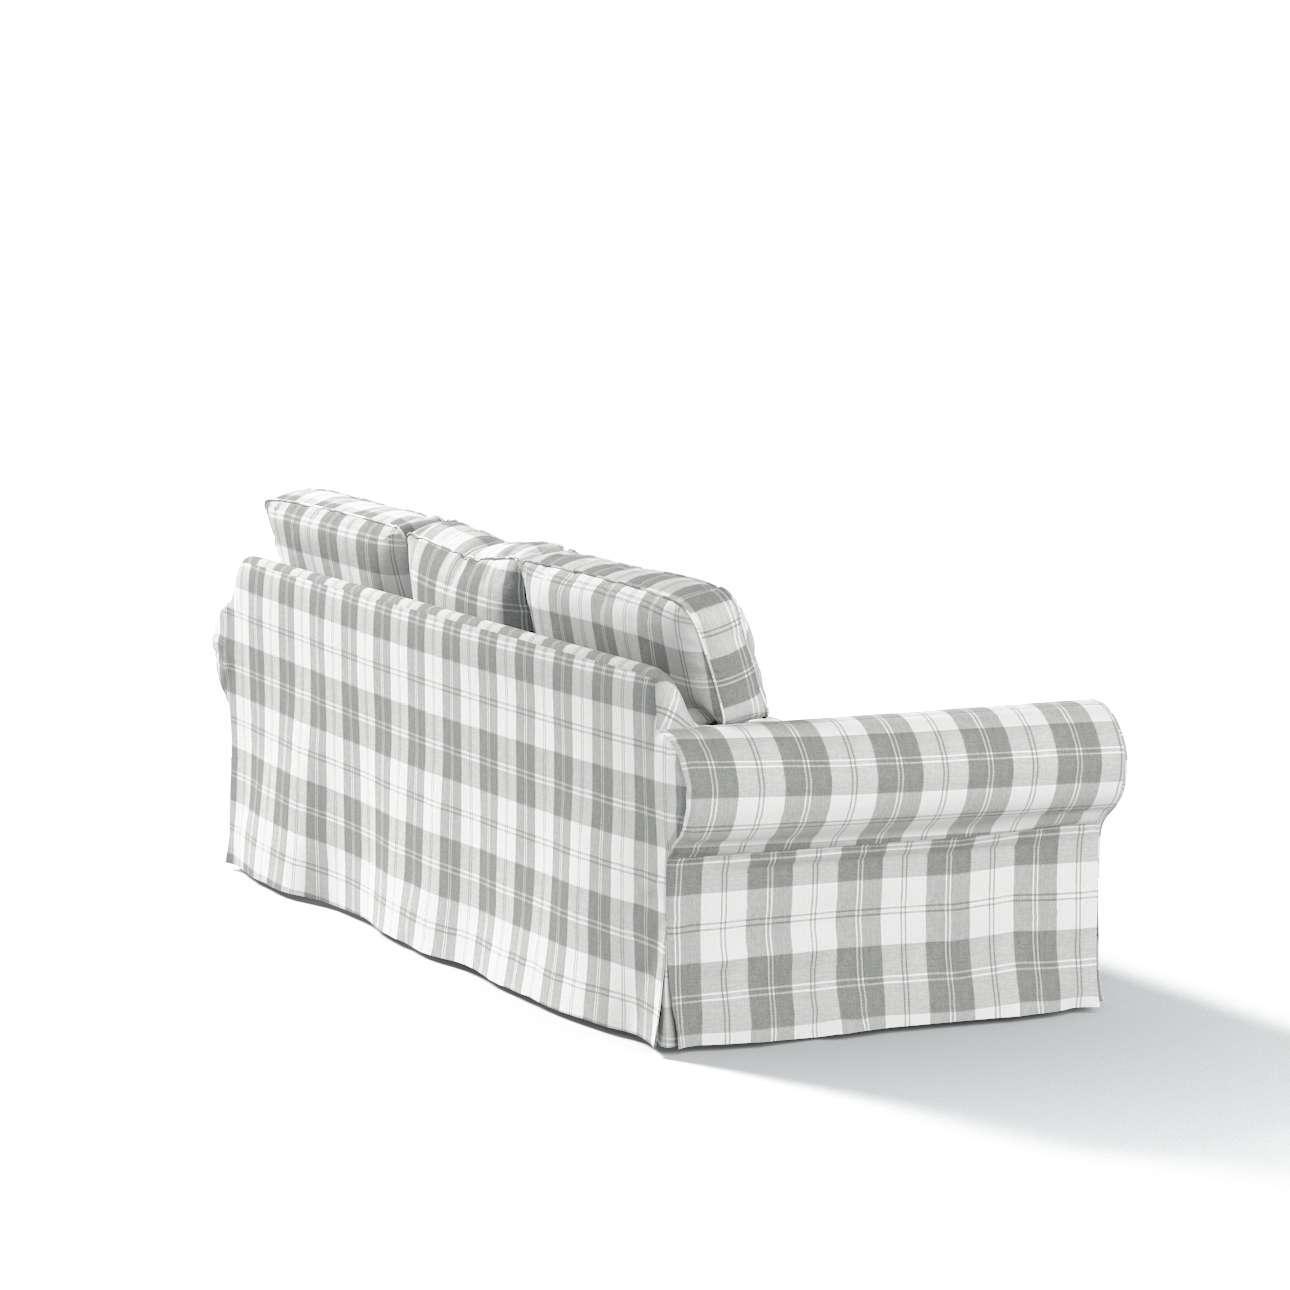 Pokrowiec na sofę Ektorp 3-osobową, rozkładaną w kolekcji Edinburgh, tkanina: 115-79